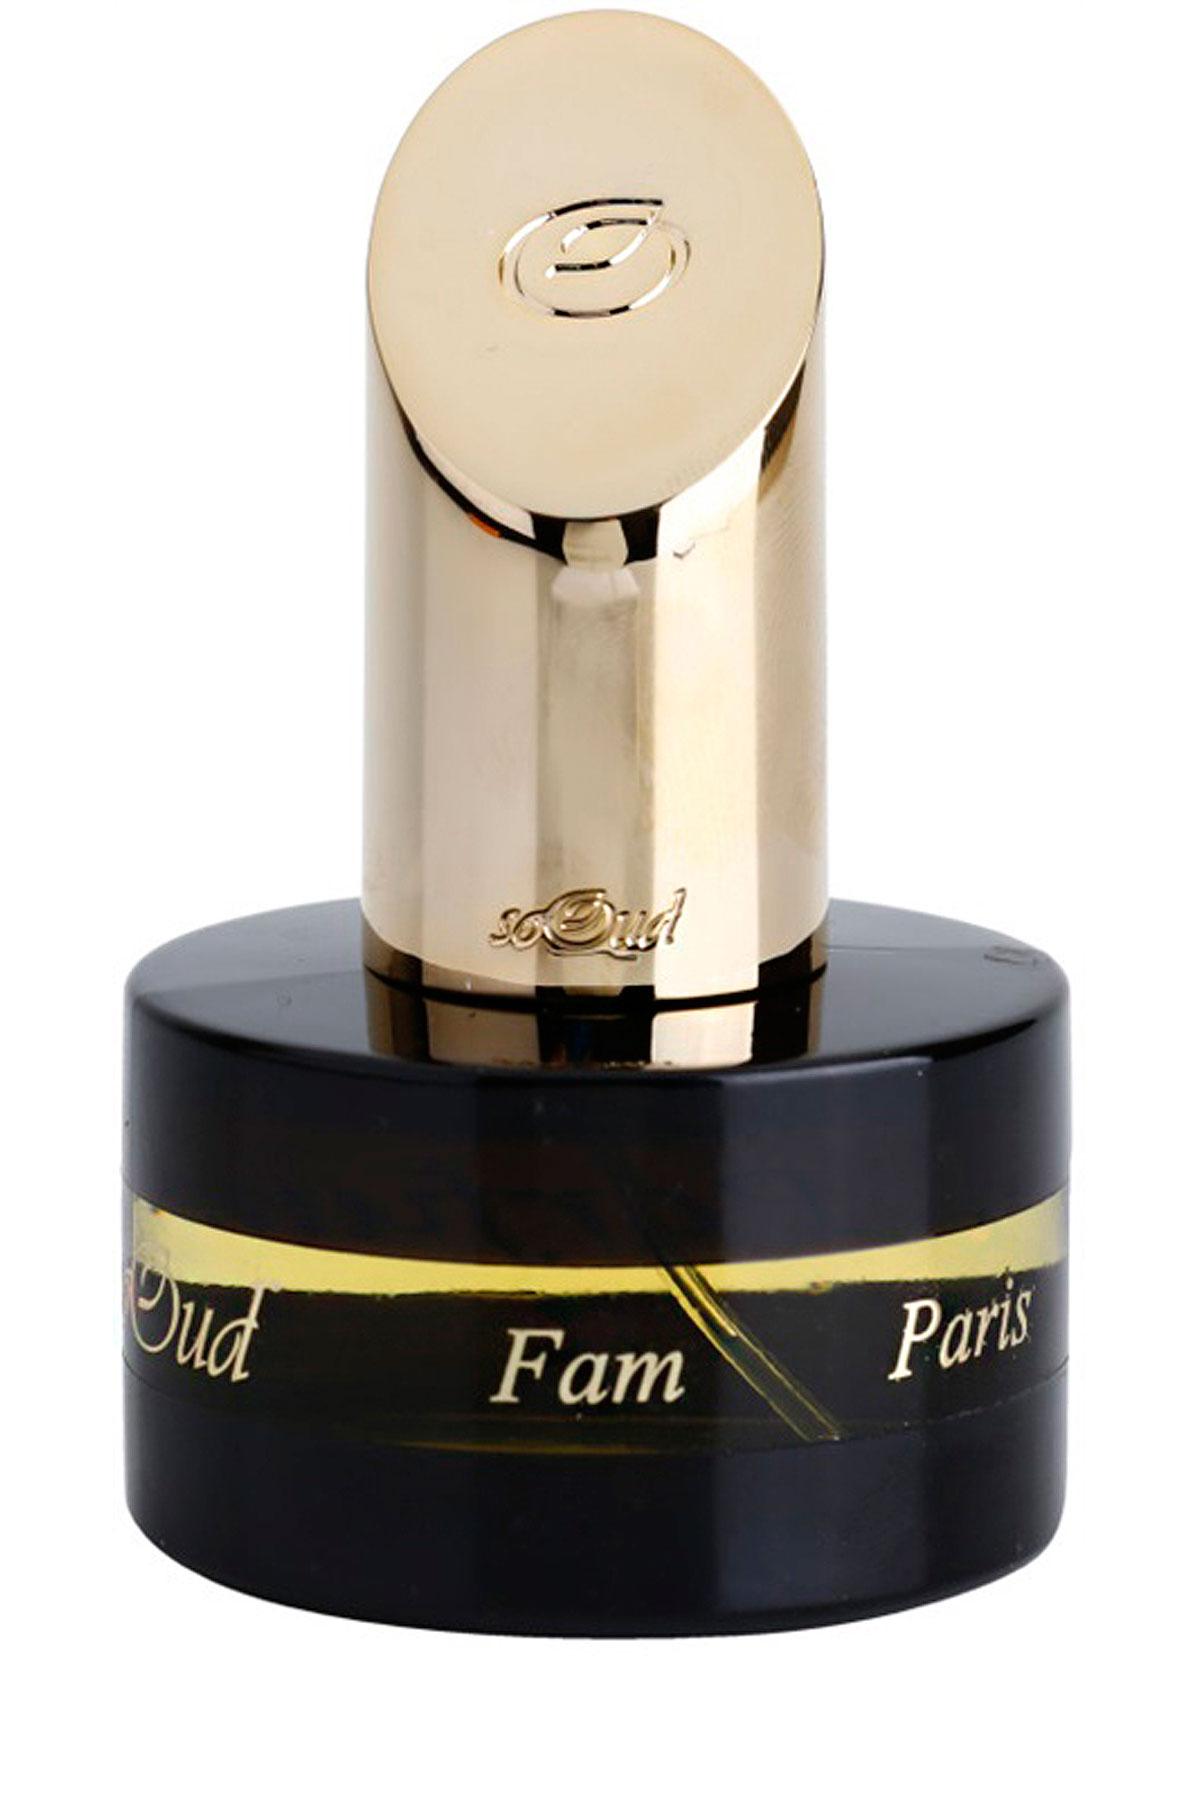 SoOud Fragrances for Men, Fam - Parfume Nektar - 30 Ml, 2019, 30 ml